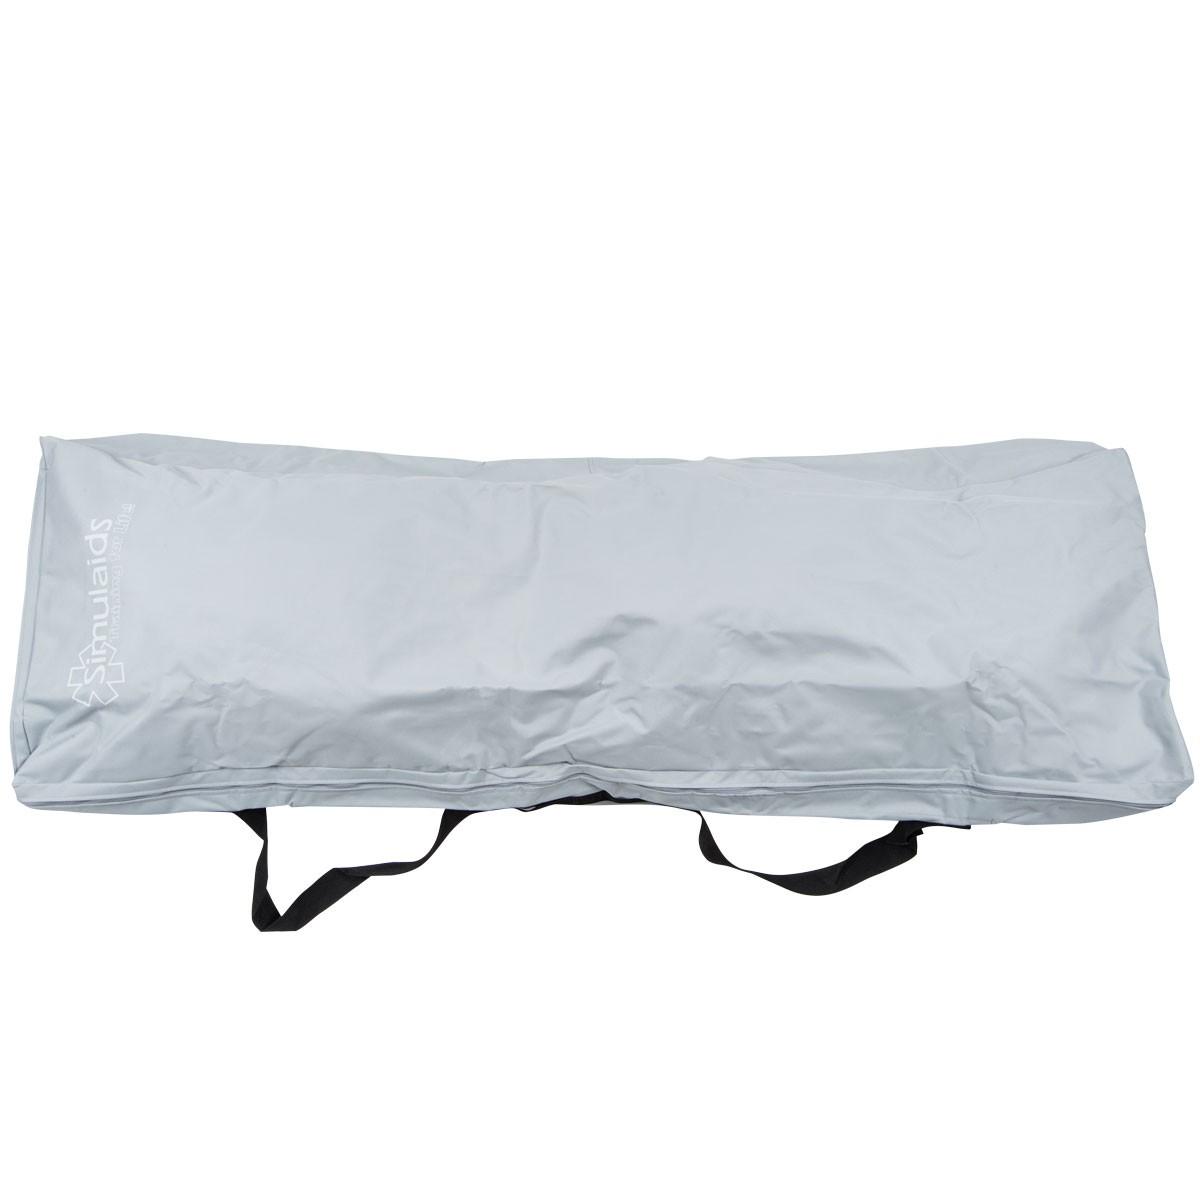 Transporttasche für Rettungspuppe 165 cm